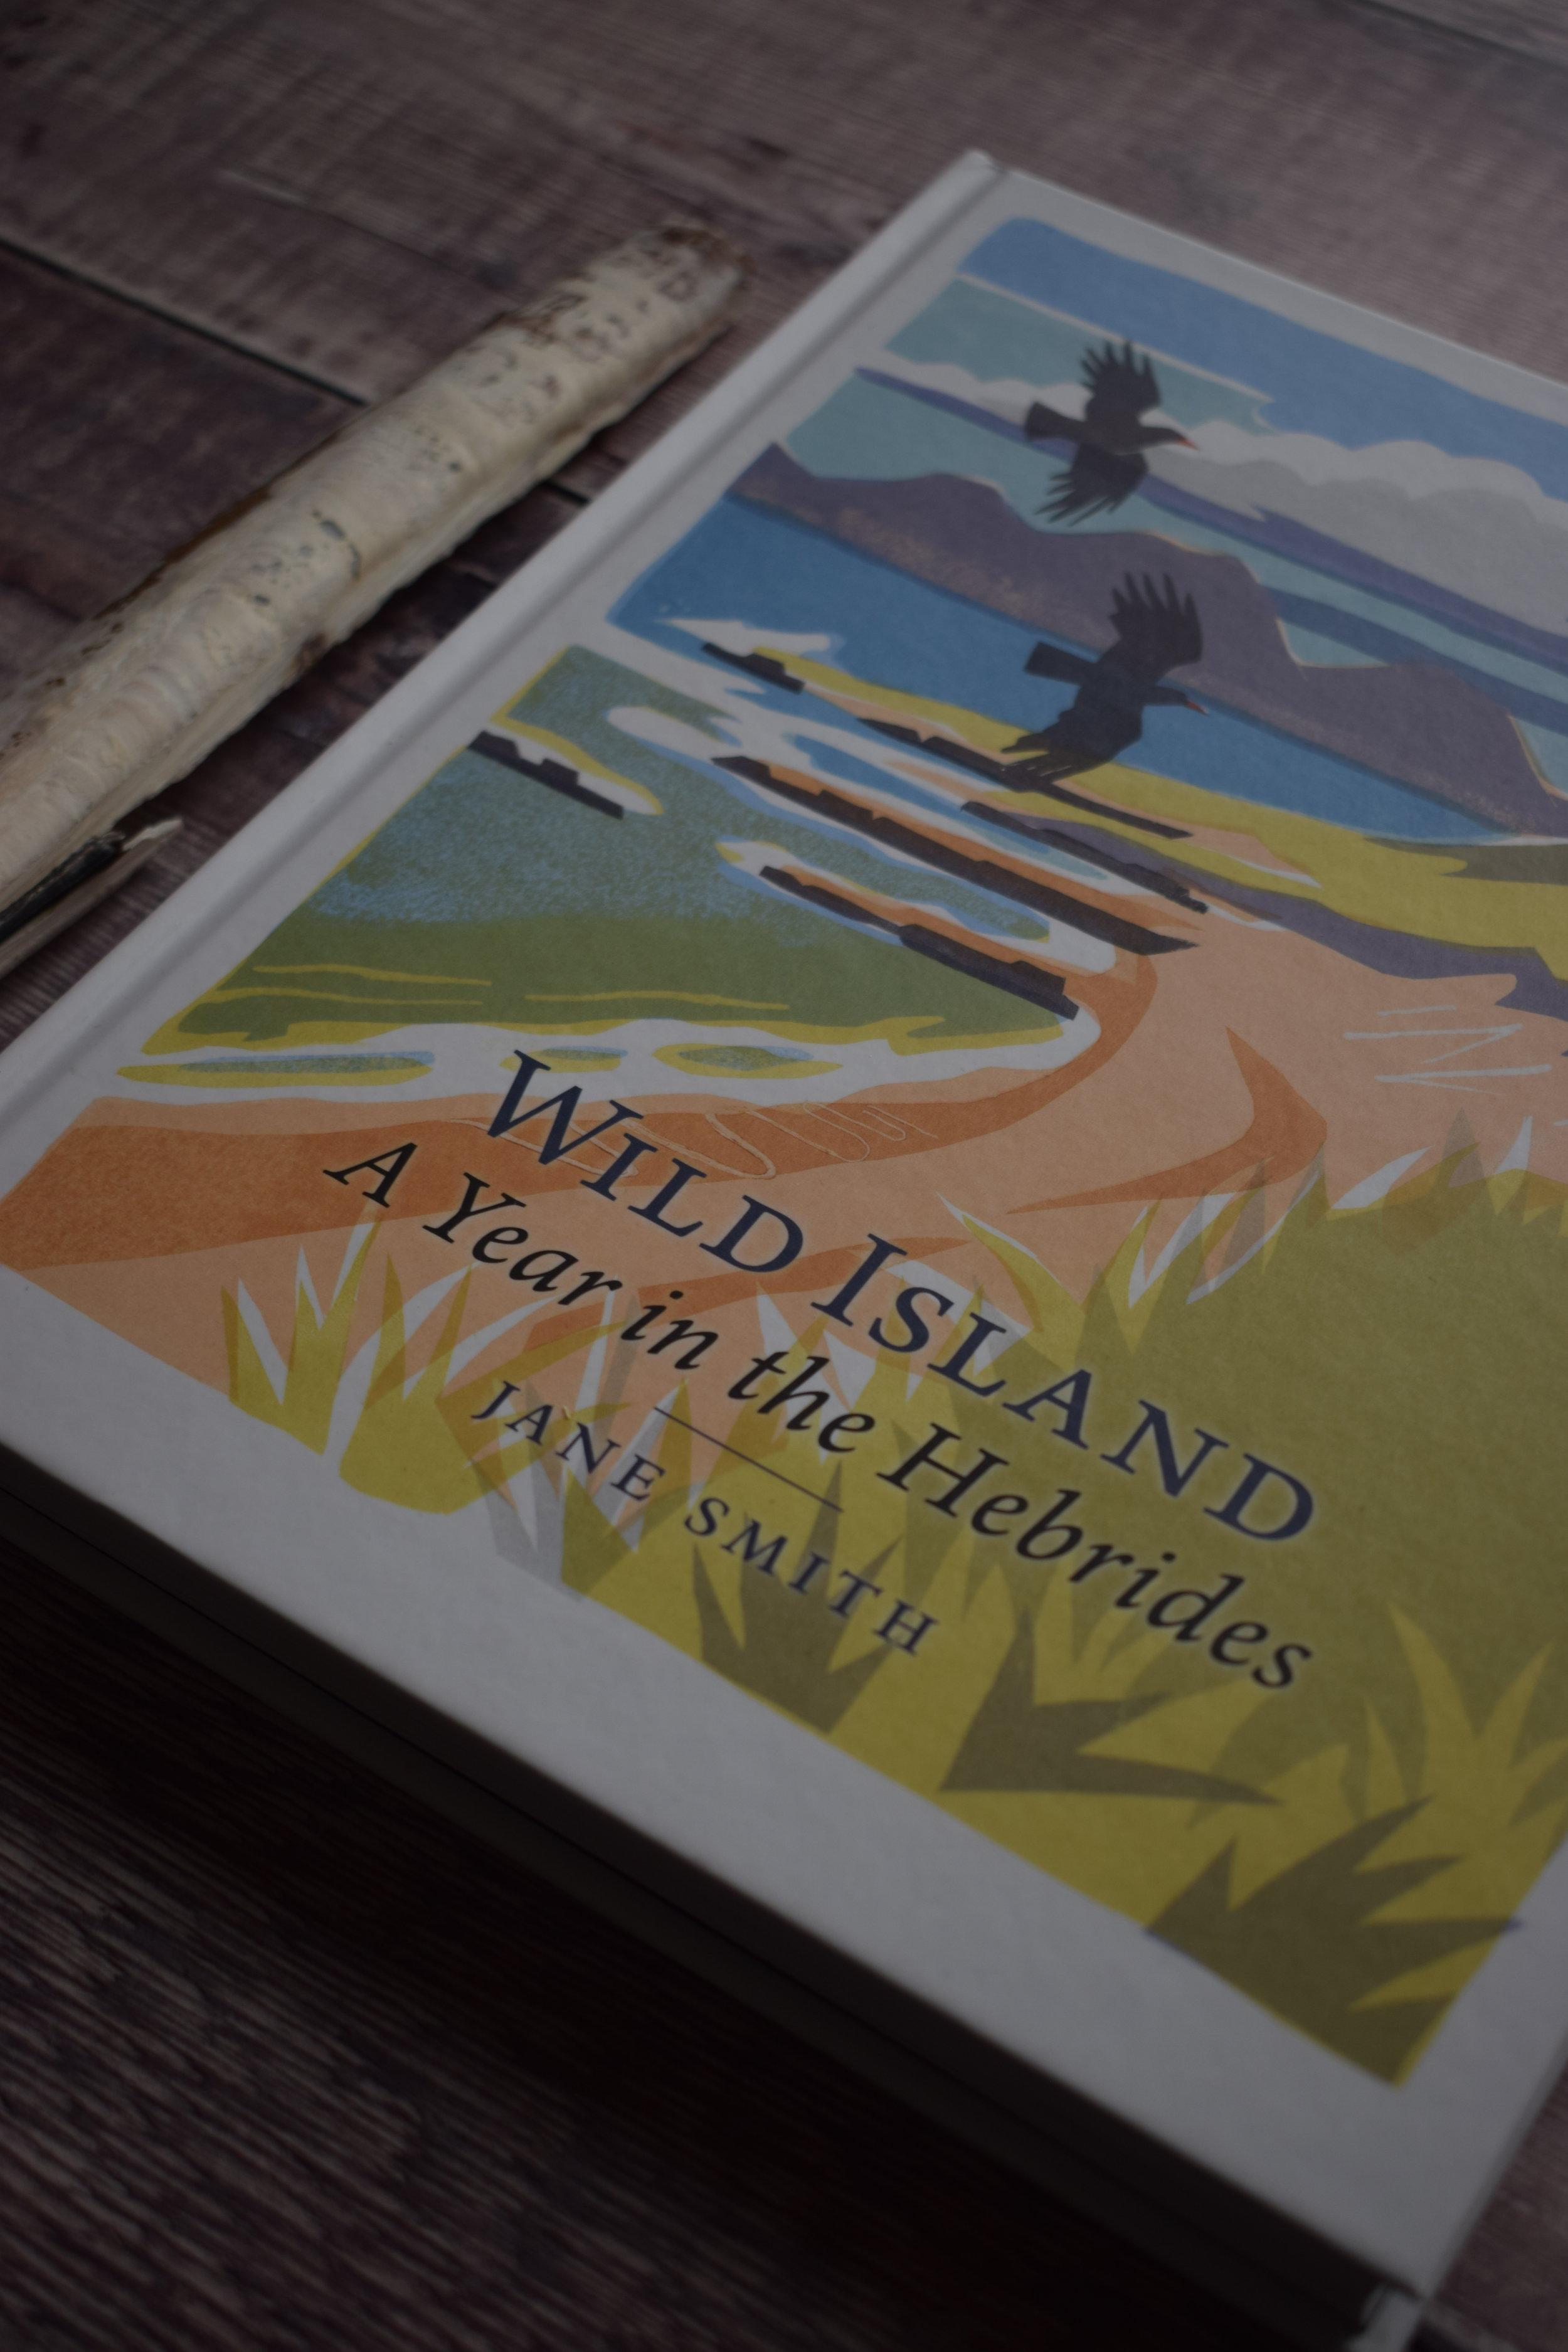 wildisland.JPG